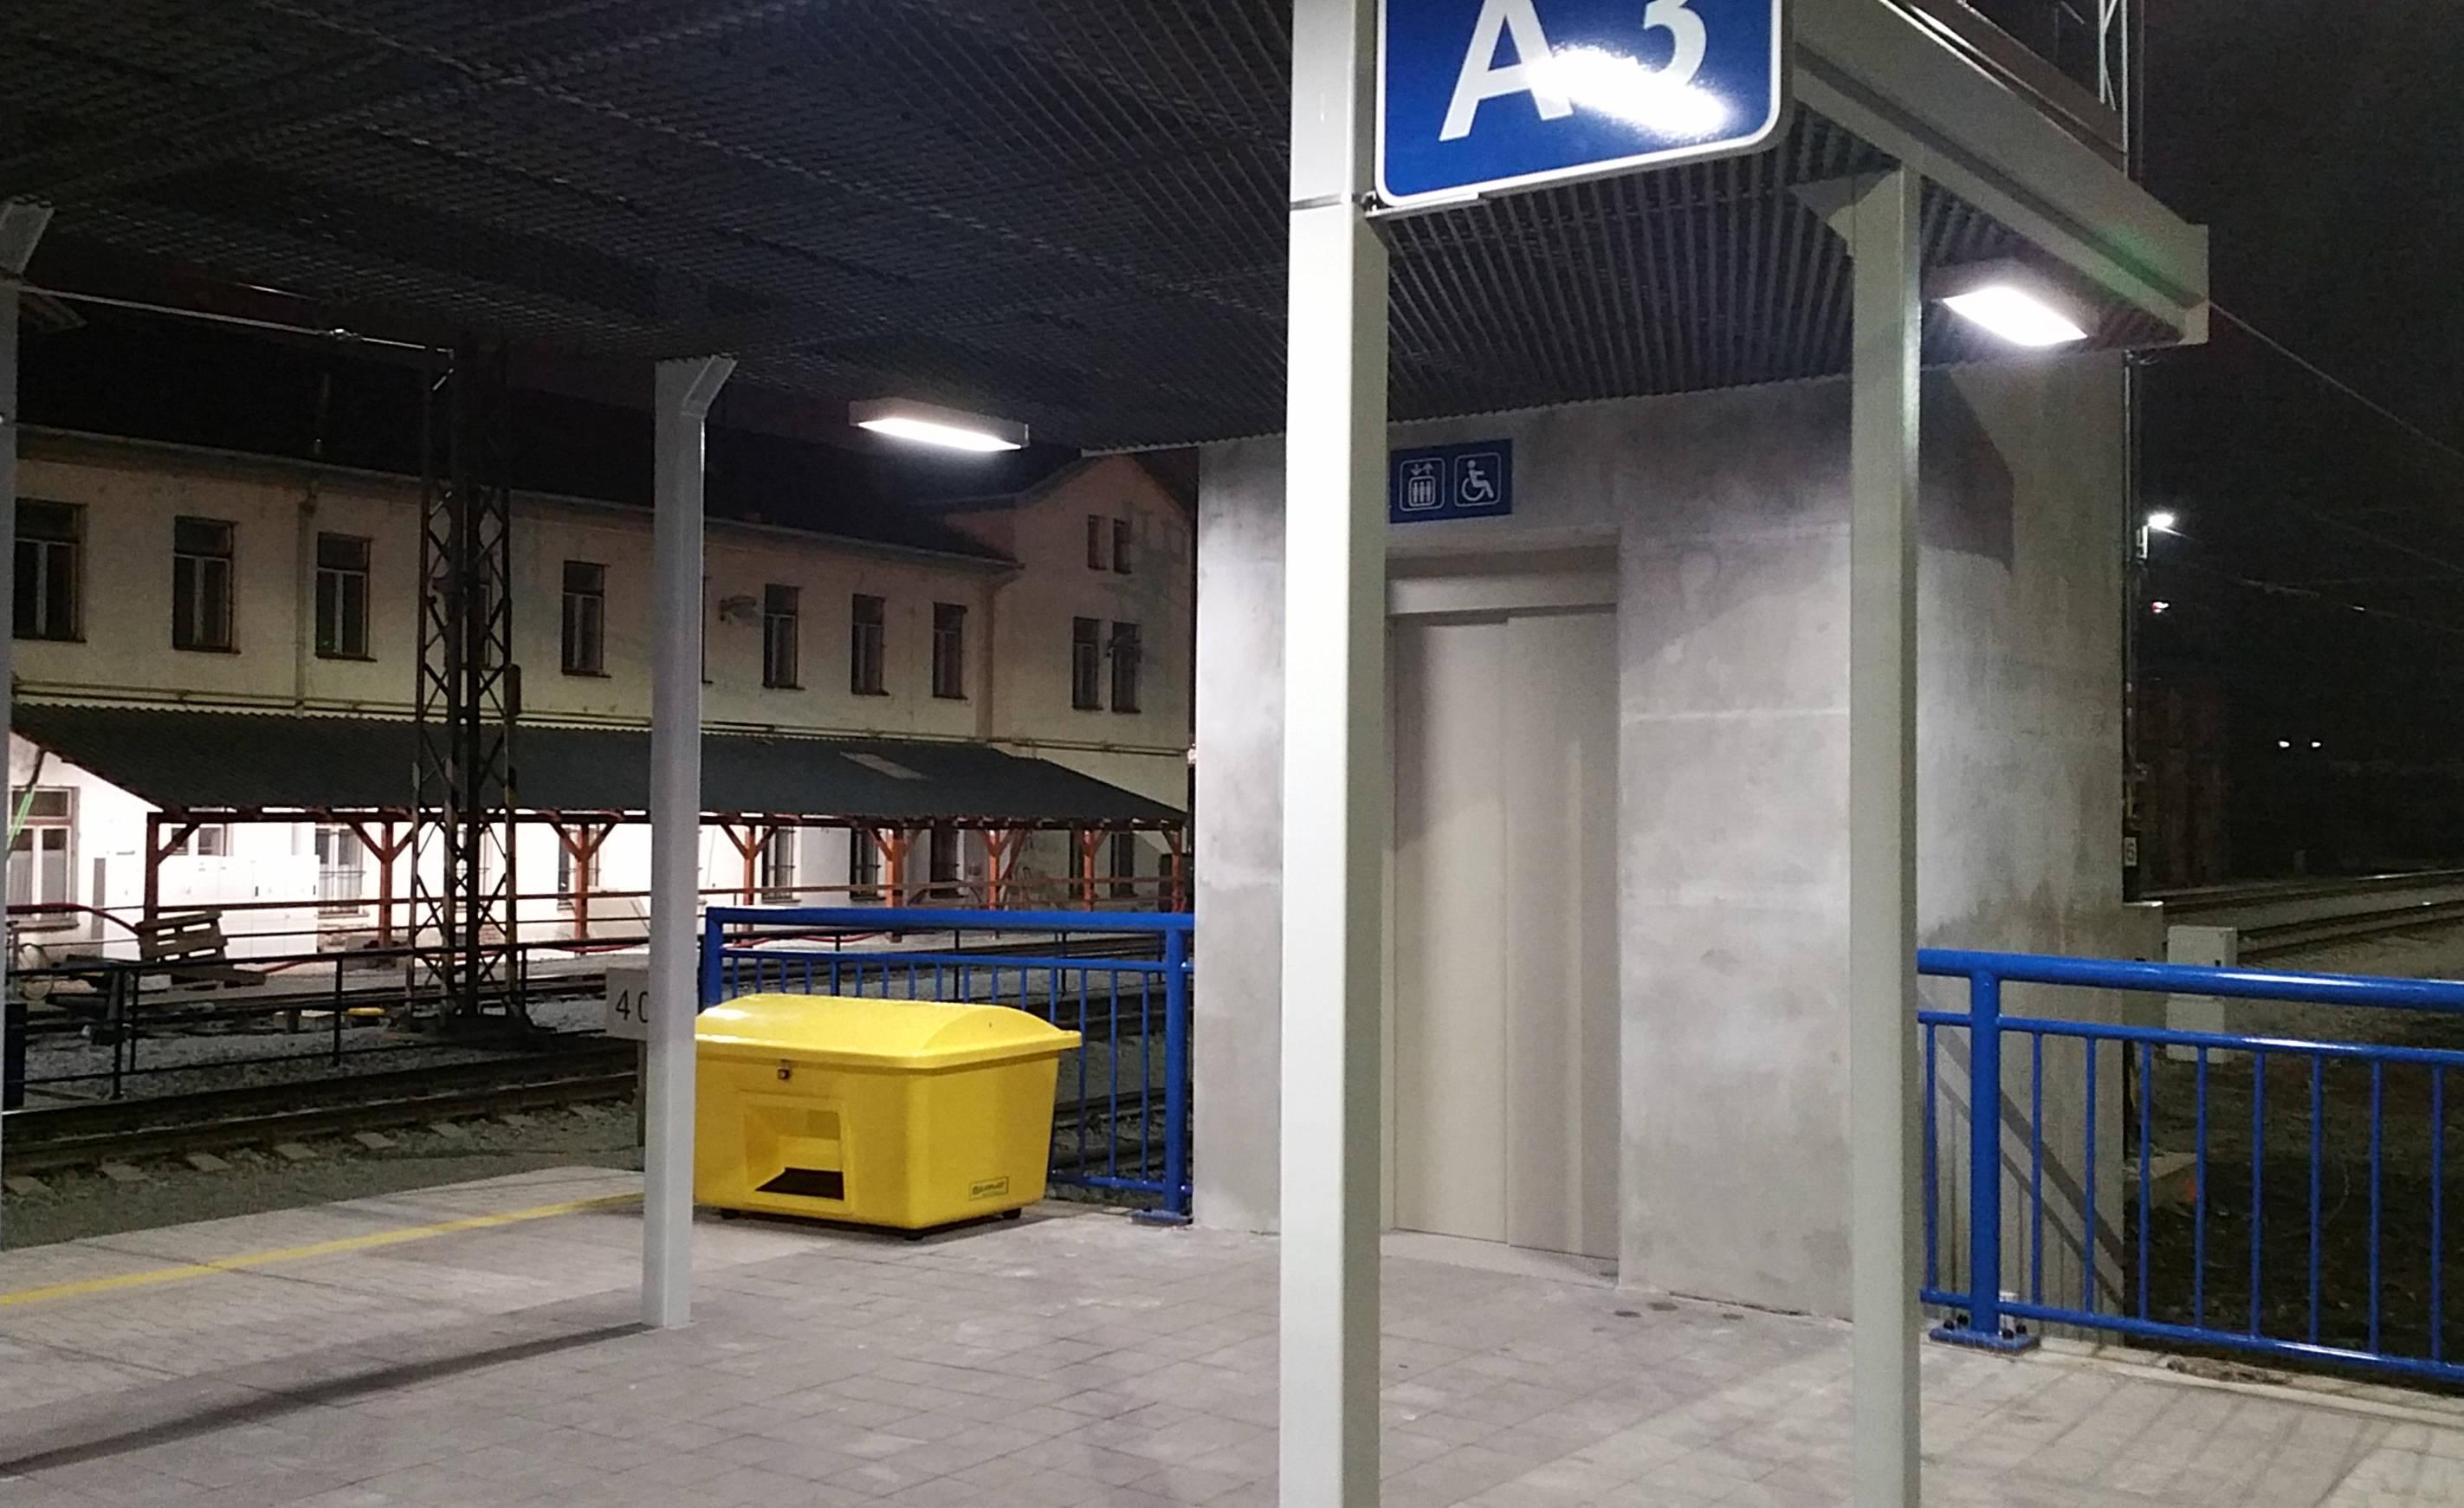 Výtah na ostrovním nástupišti, přístup k 2. a ke 3.koleji